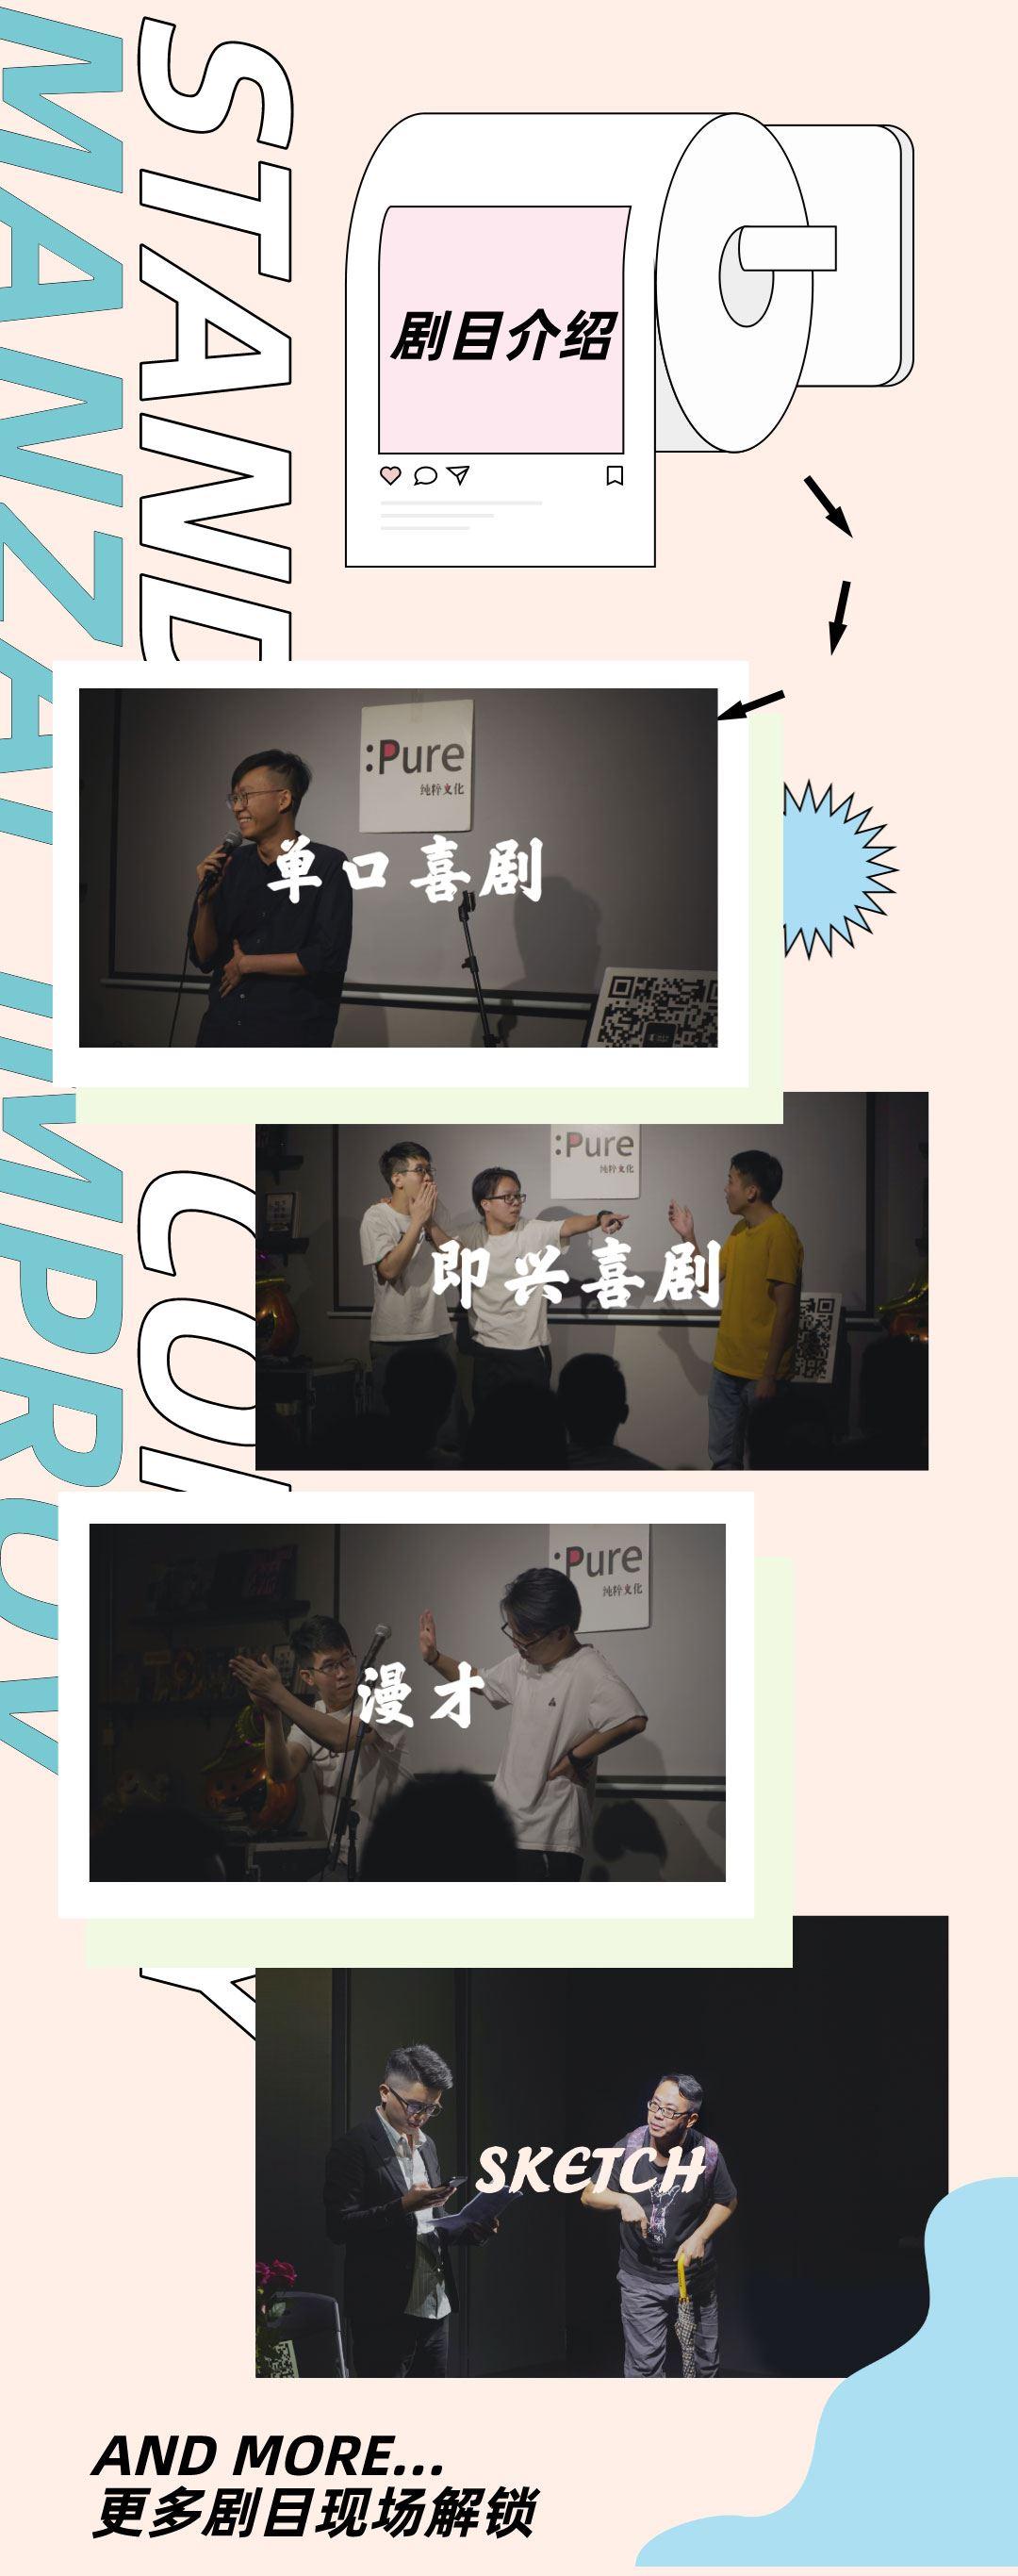 长图_01_1.jpg